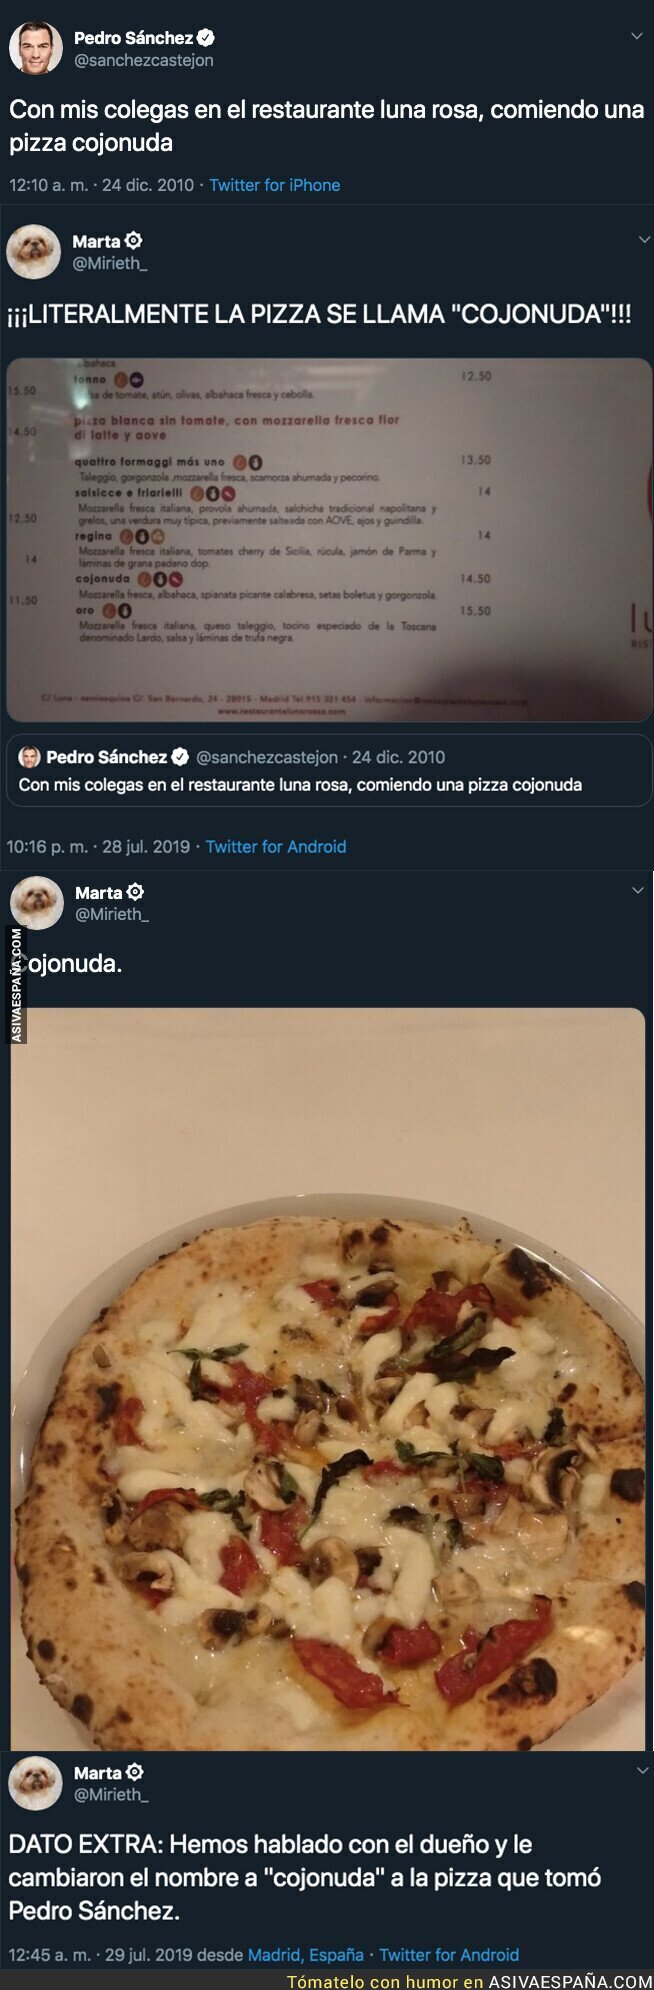 117780 - Sale a la luz el secreto de la pizza 'cojonuda' que Pedro Sánchez tuiteó en 2010